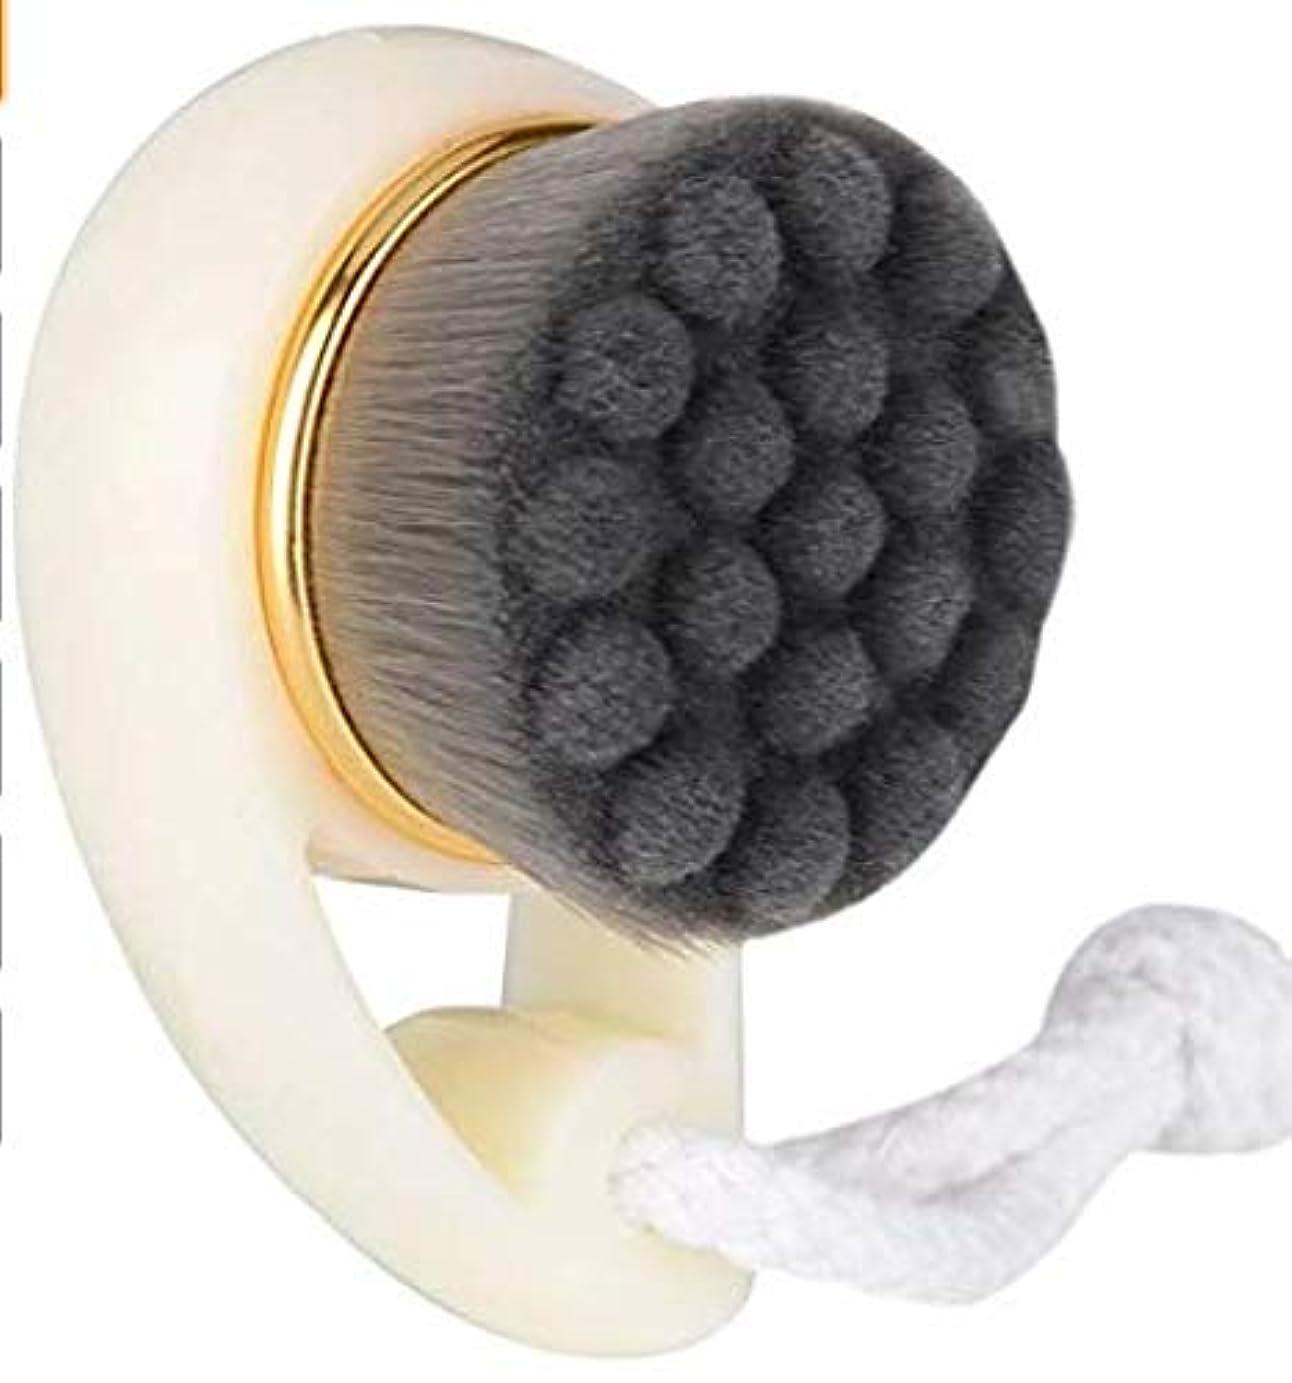 取るタクトとらえどころのない化粧ブラシ、手動毛穴、マッサージ、美容製品、美容製品、にきび毛穴、きれいな肌、毛穴